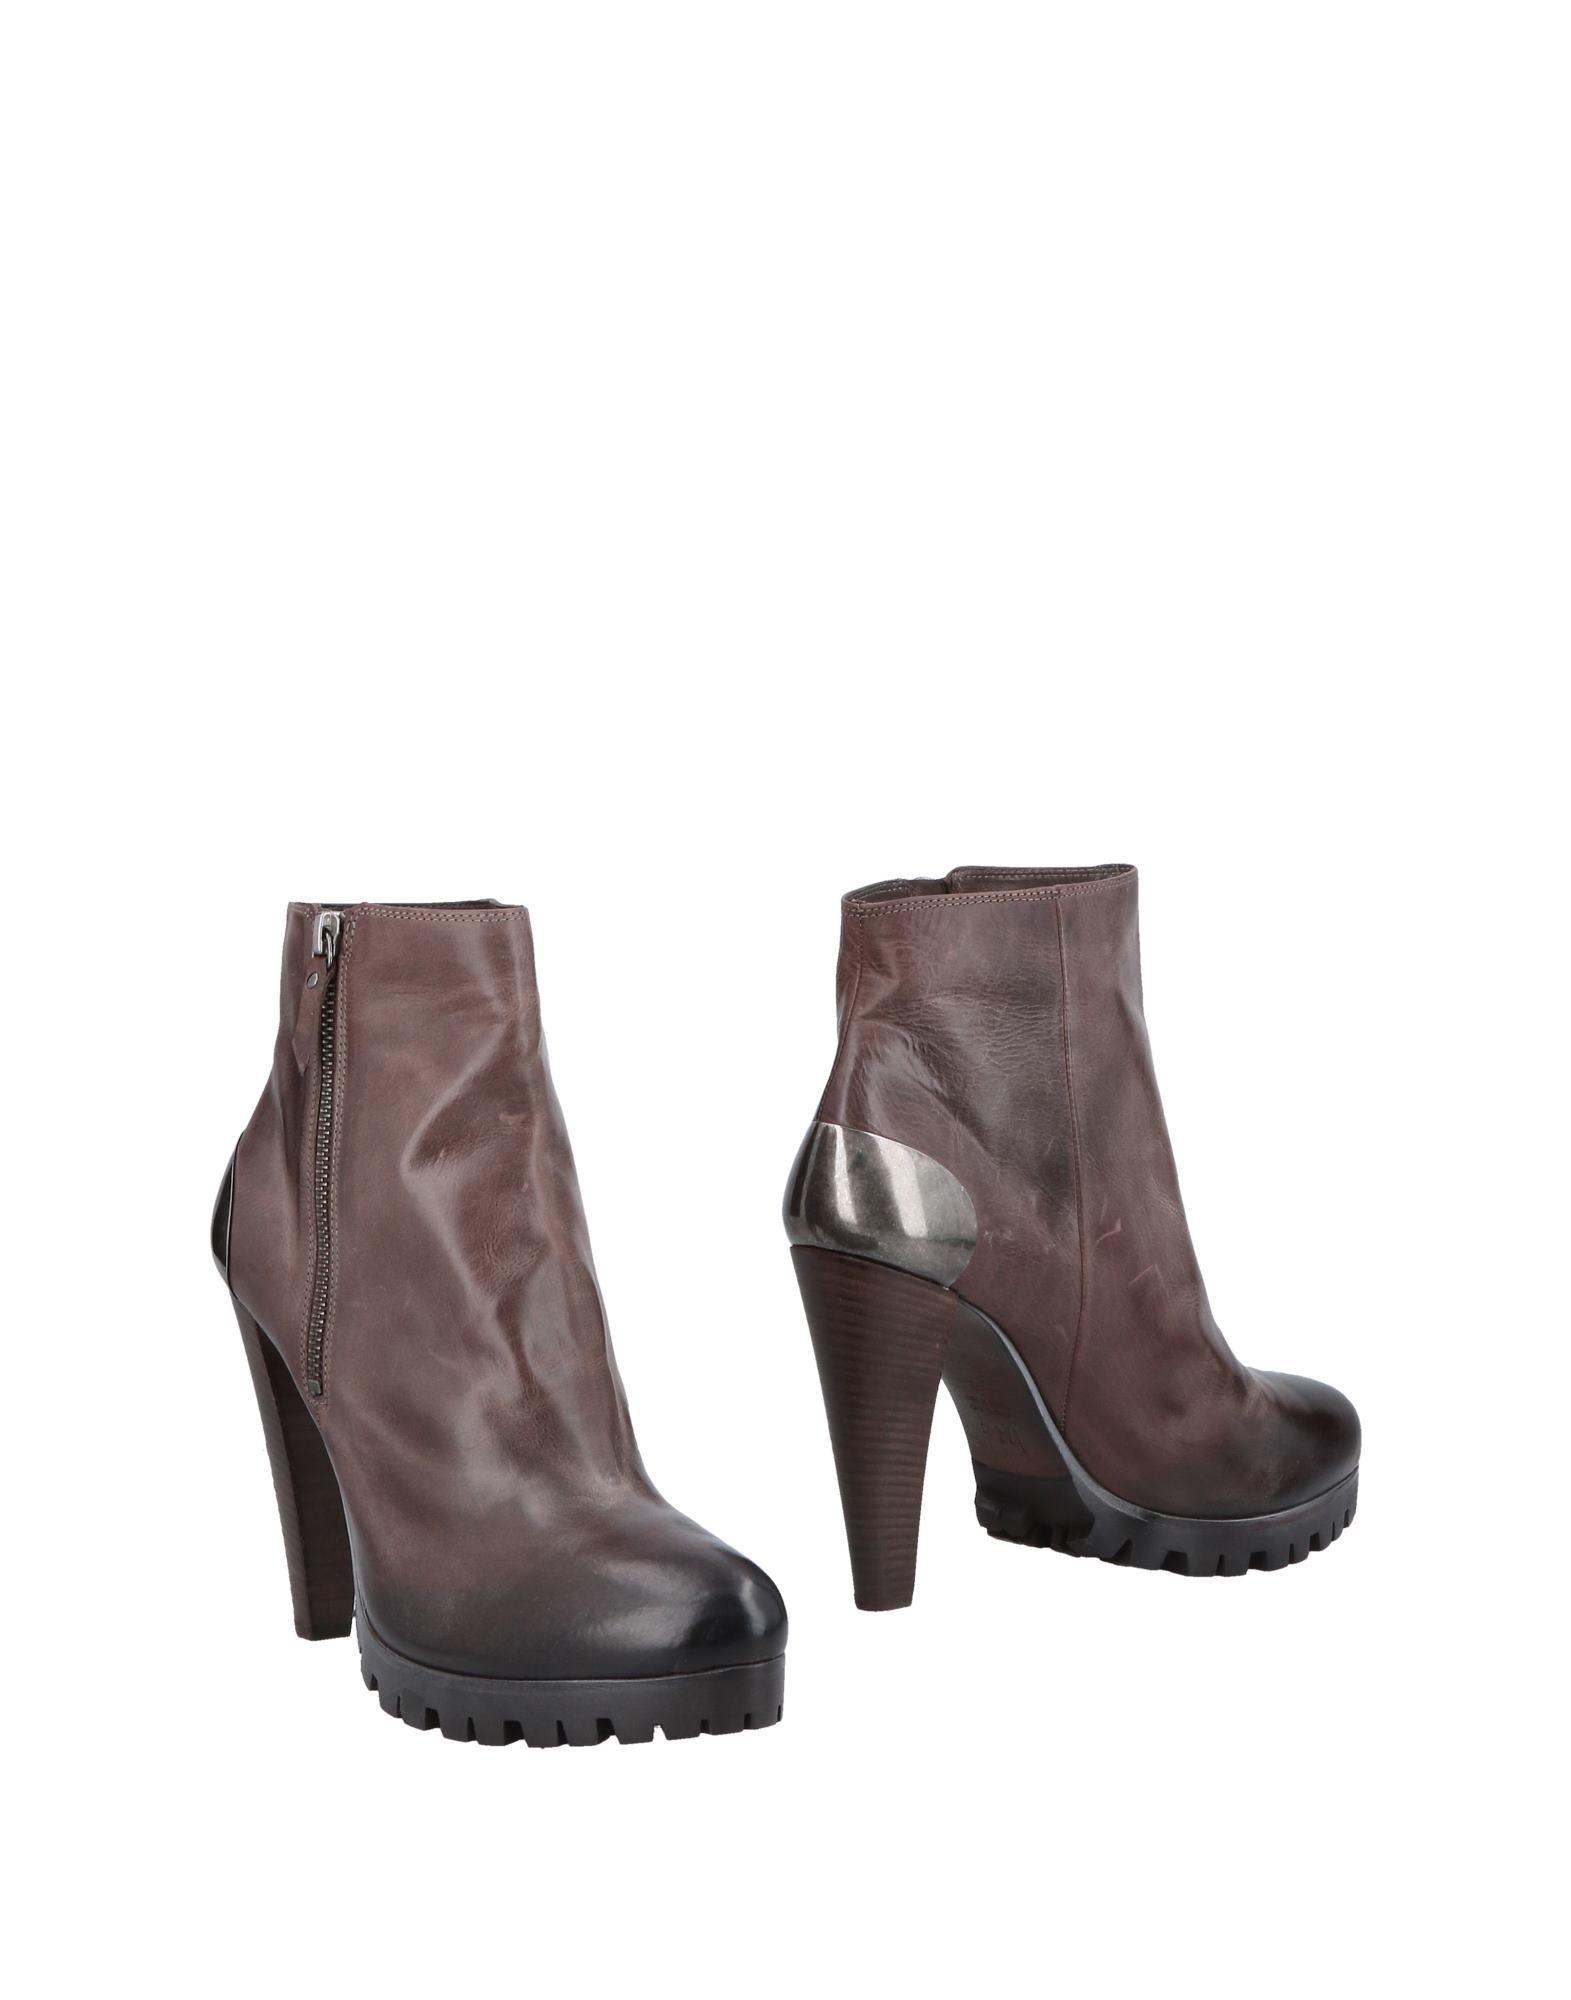 Vic Stiefelette Damen  11310932KLGut aussehende strapazierfähige Schuhe